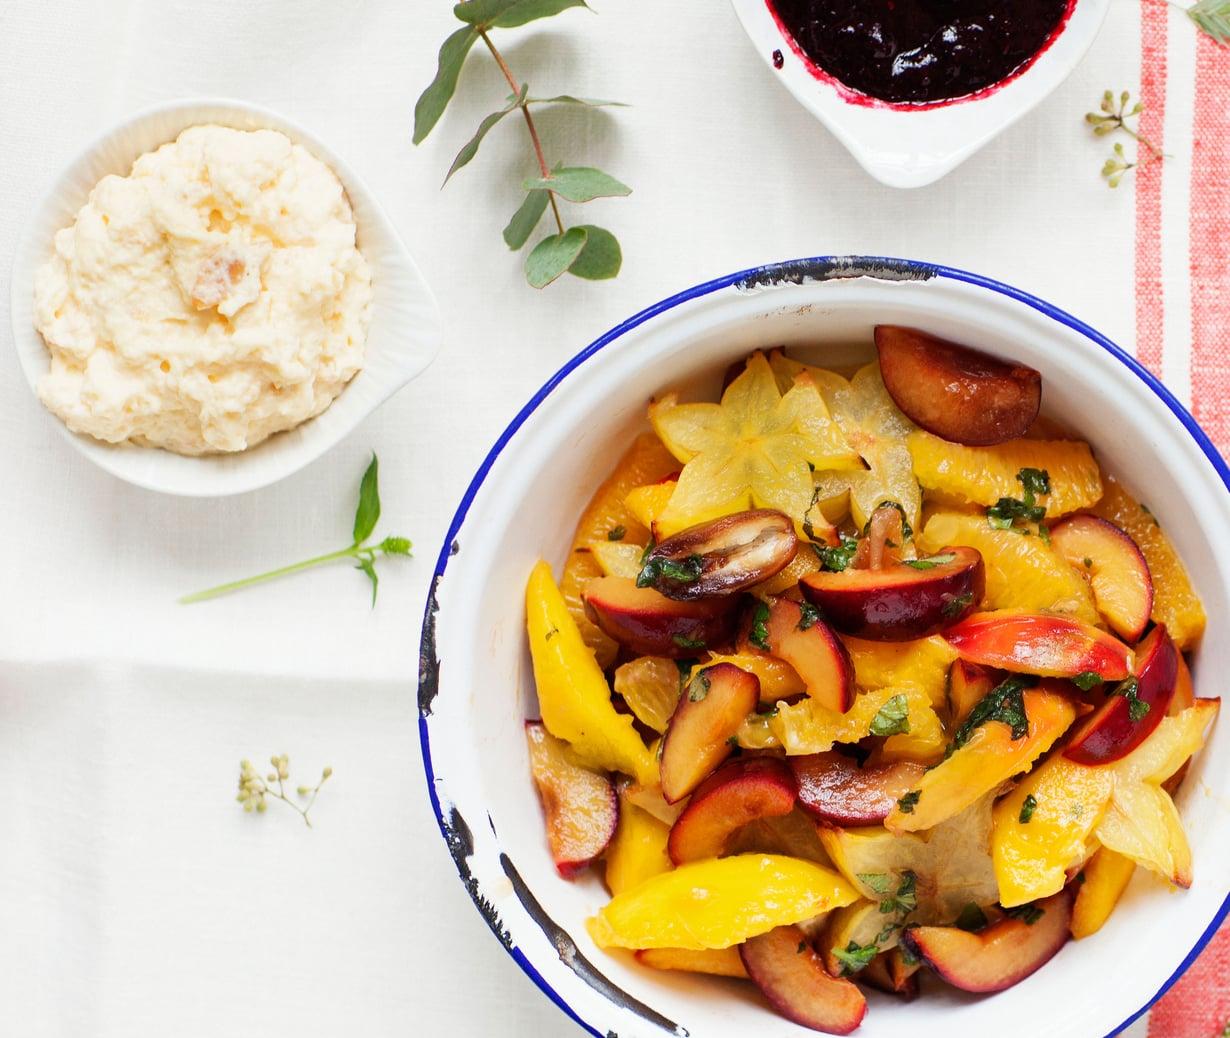 Lämmin ja pehmeä ei riitä, vaan mukaan tarvitaan hiukan kirpeyttä, jotta käsillä on talven täydellisin hedelmäsalaatti.